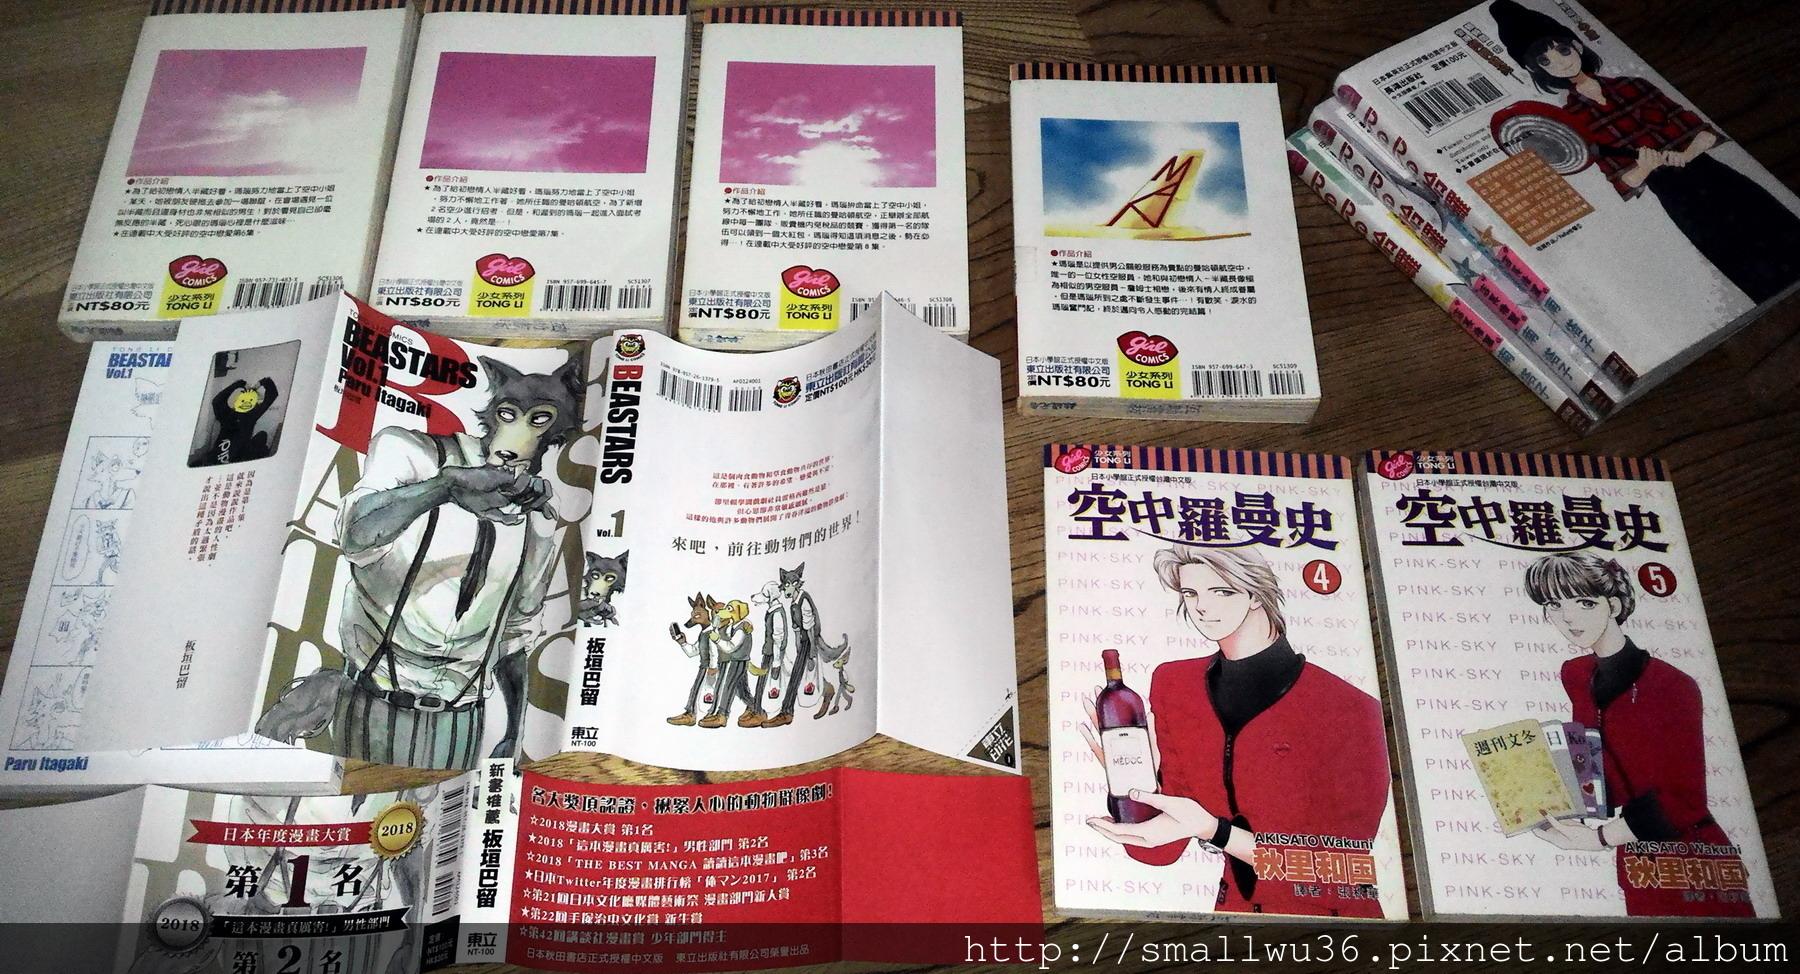 板垣巴留 - BEASTARS 第1集, 秋里和国 - 空中羅曼史 4-9 集(完).jpg